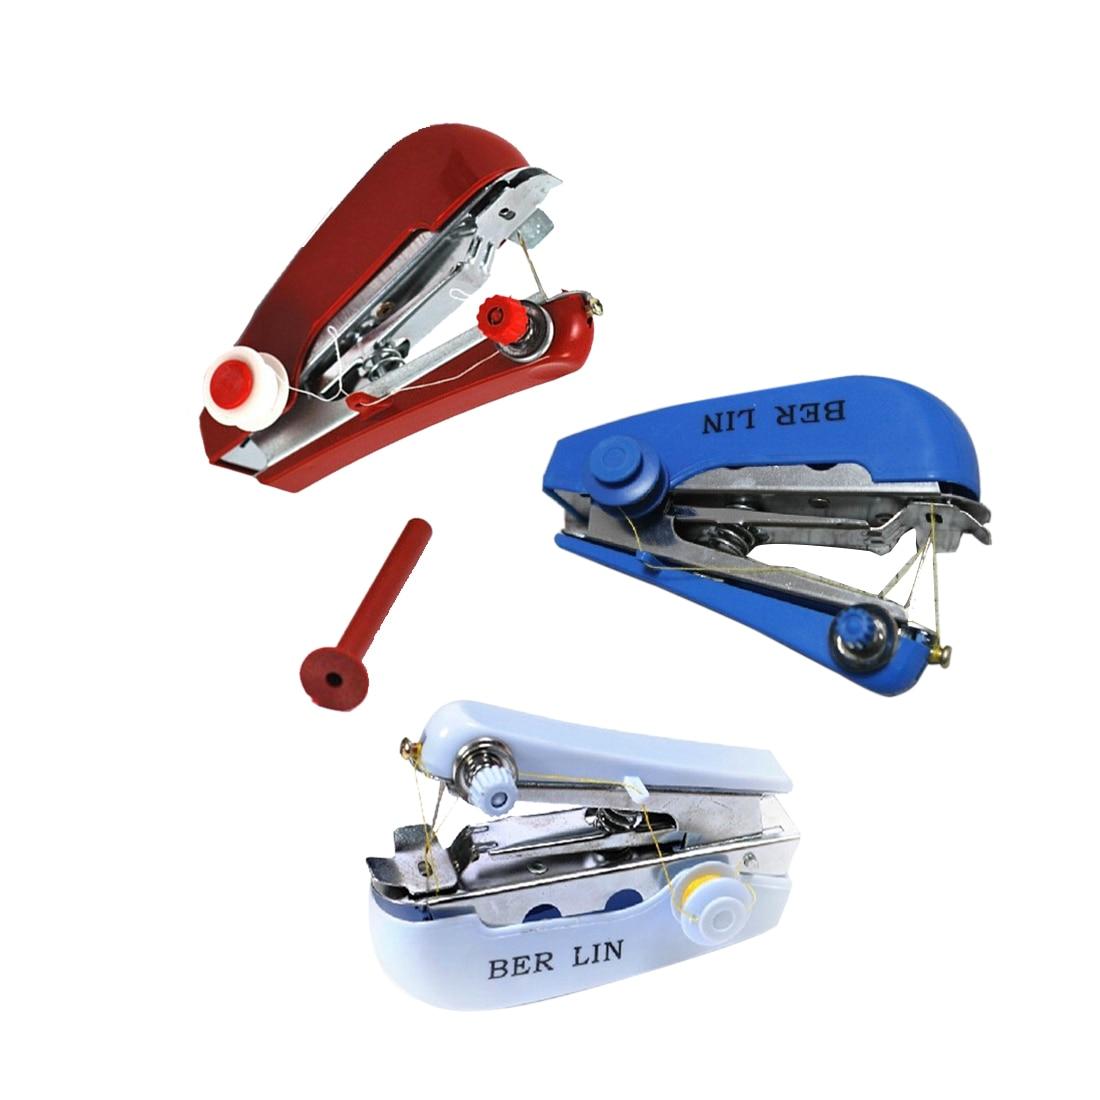 11*7*4 см мини ручная швейная машина DIY цвет случайный удобный швейный станок инструмент maquina de costura аксессуары